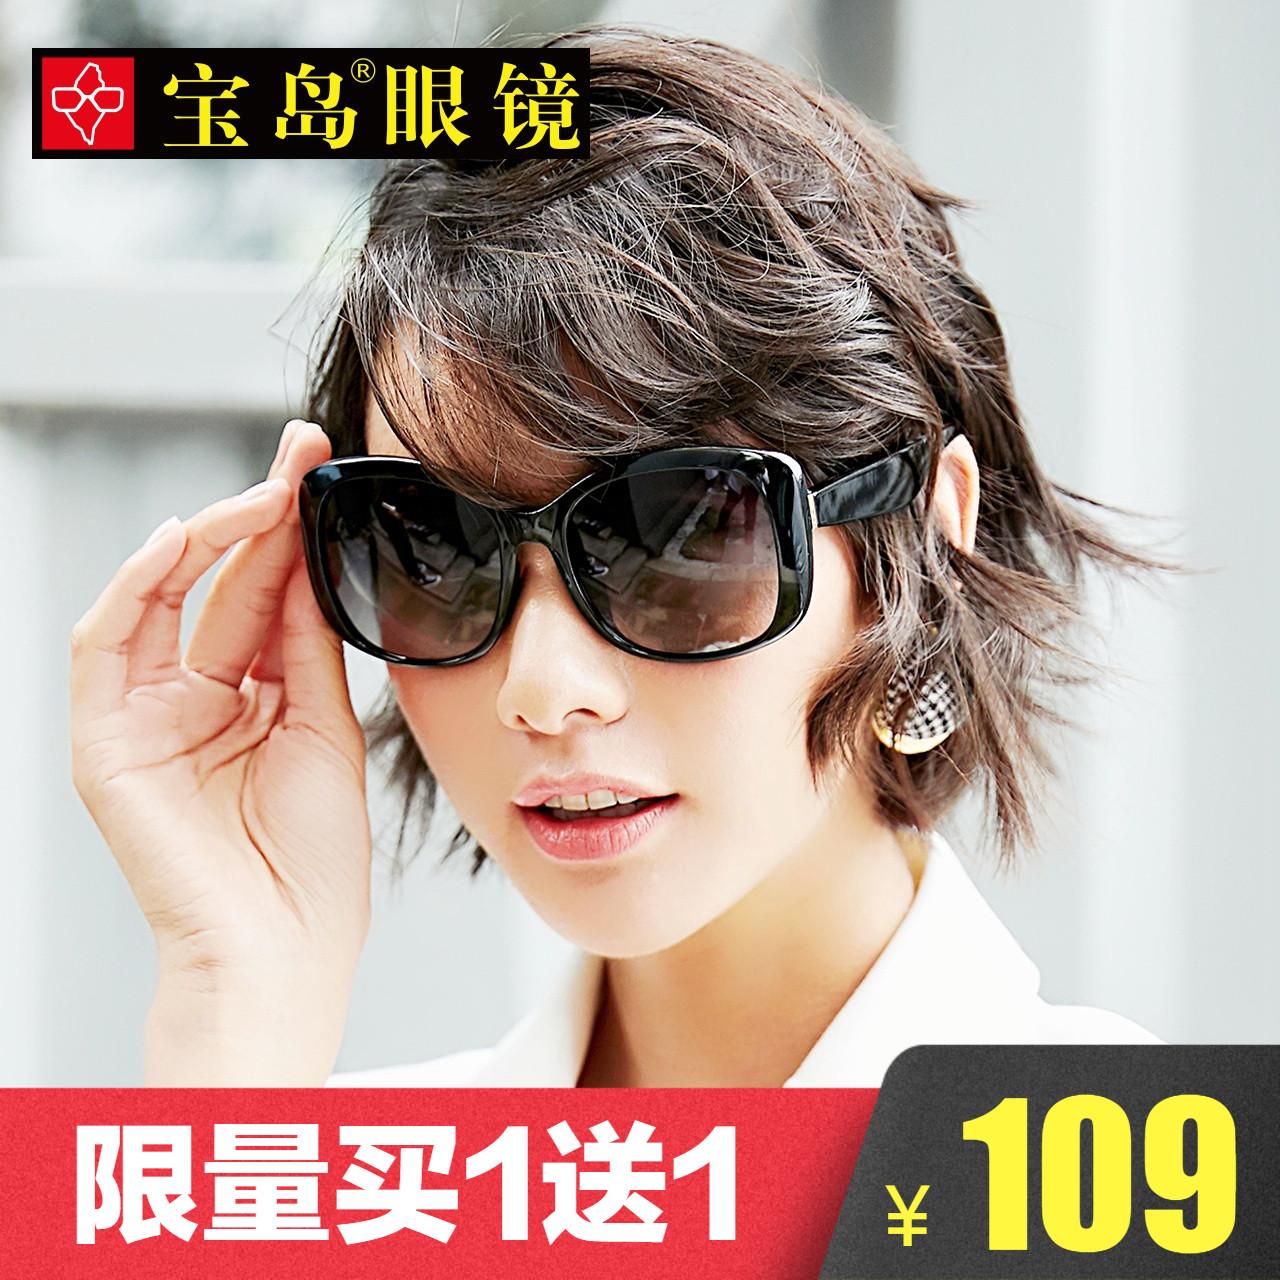 目戏眼镜 新款太阳镜女圆脸韩版潮大框长脸防紫外线偏光墨镜 6011